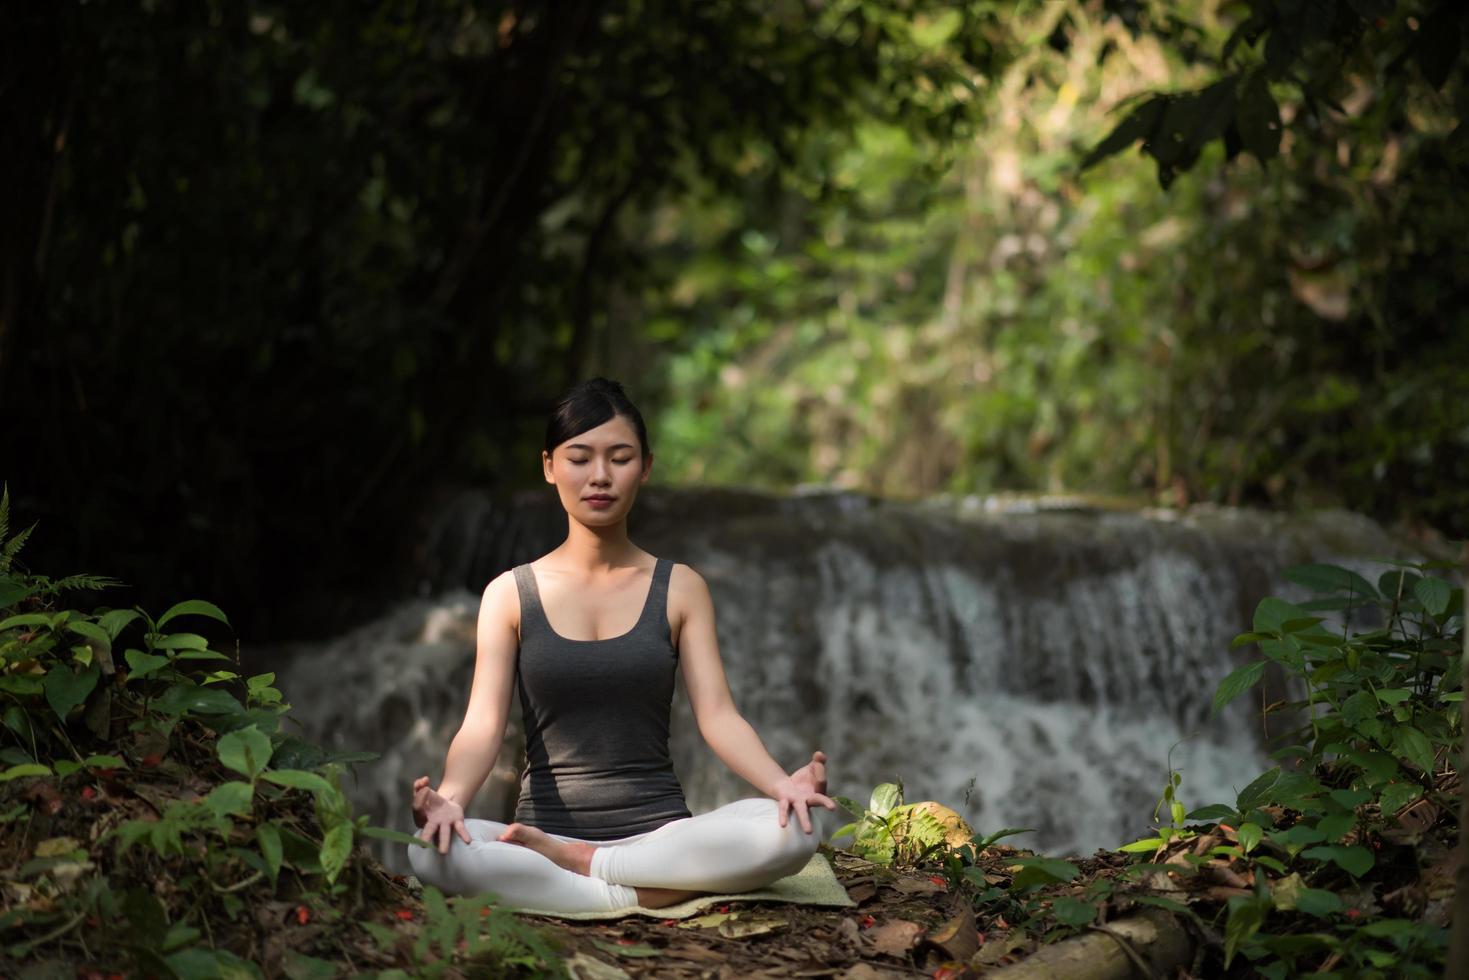 mujer joven en una pose de yoga sentado cerca de una cascada foto